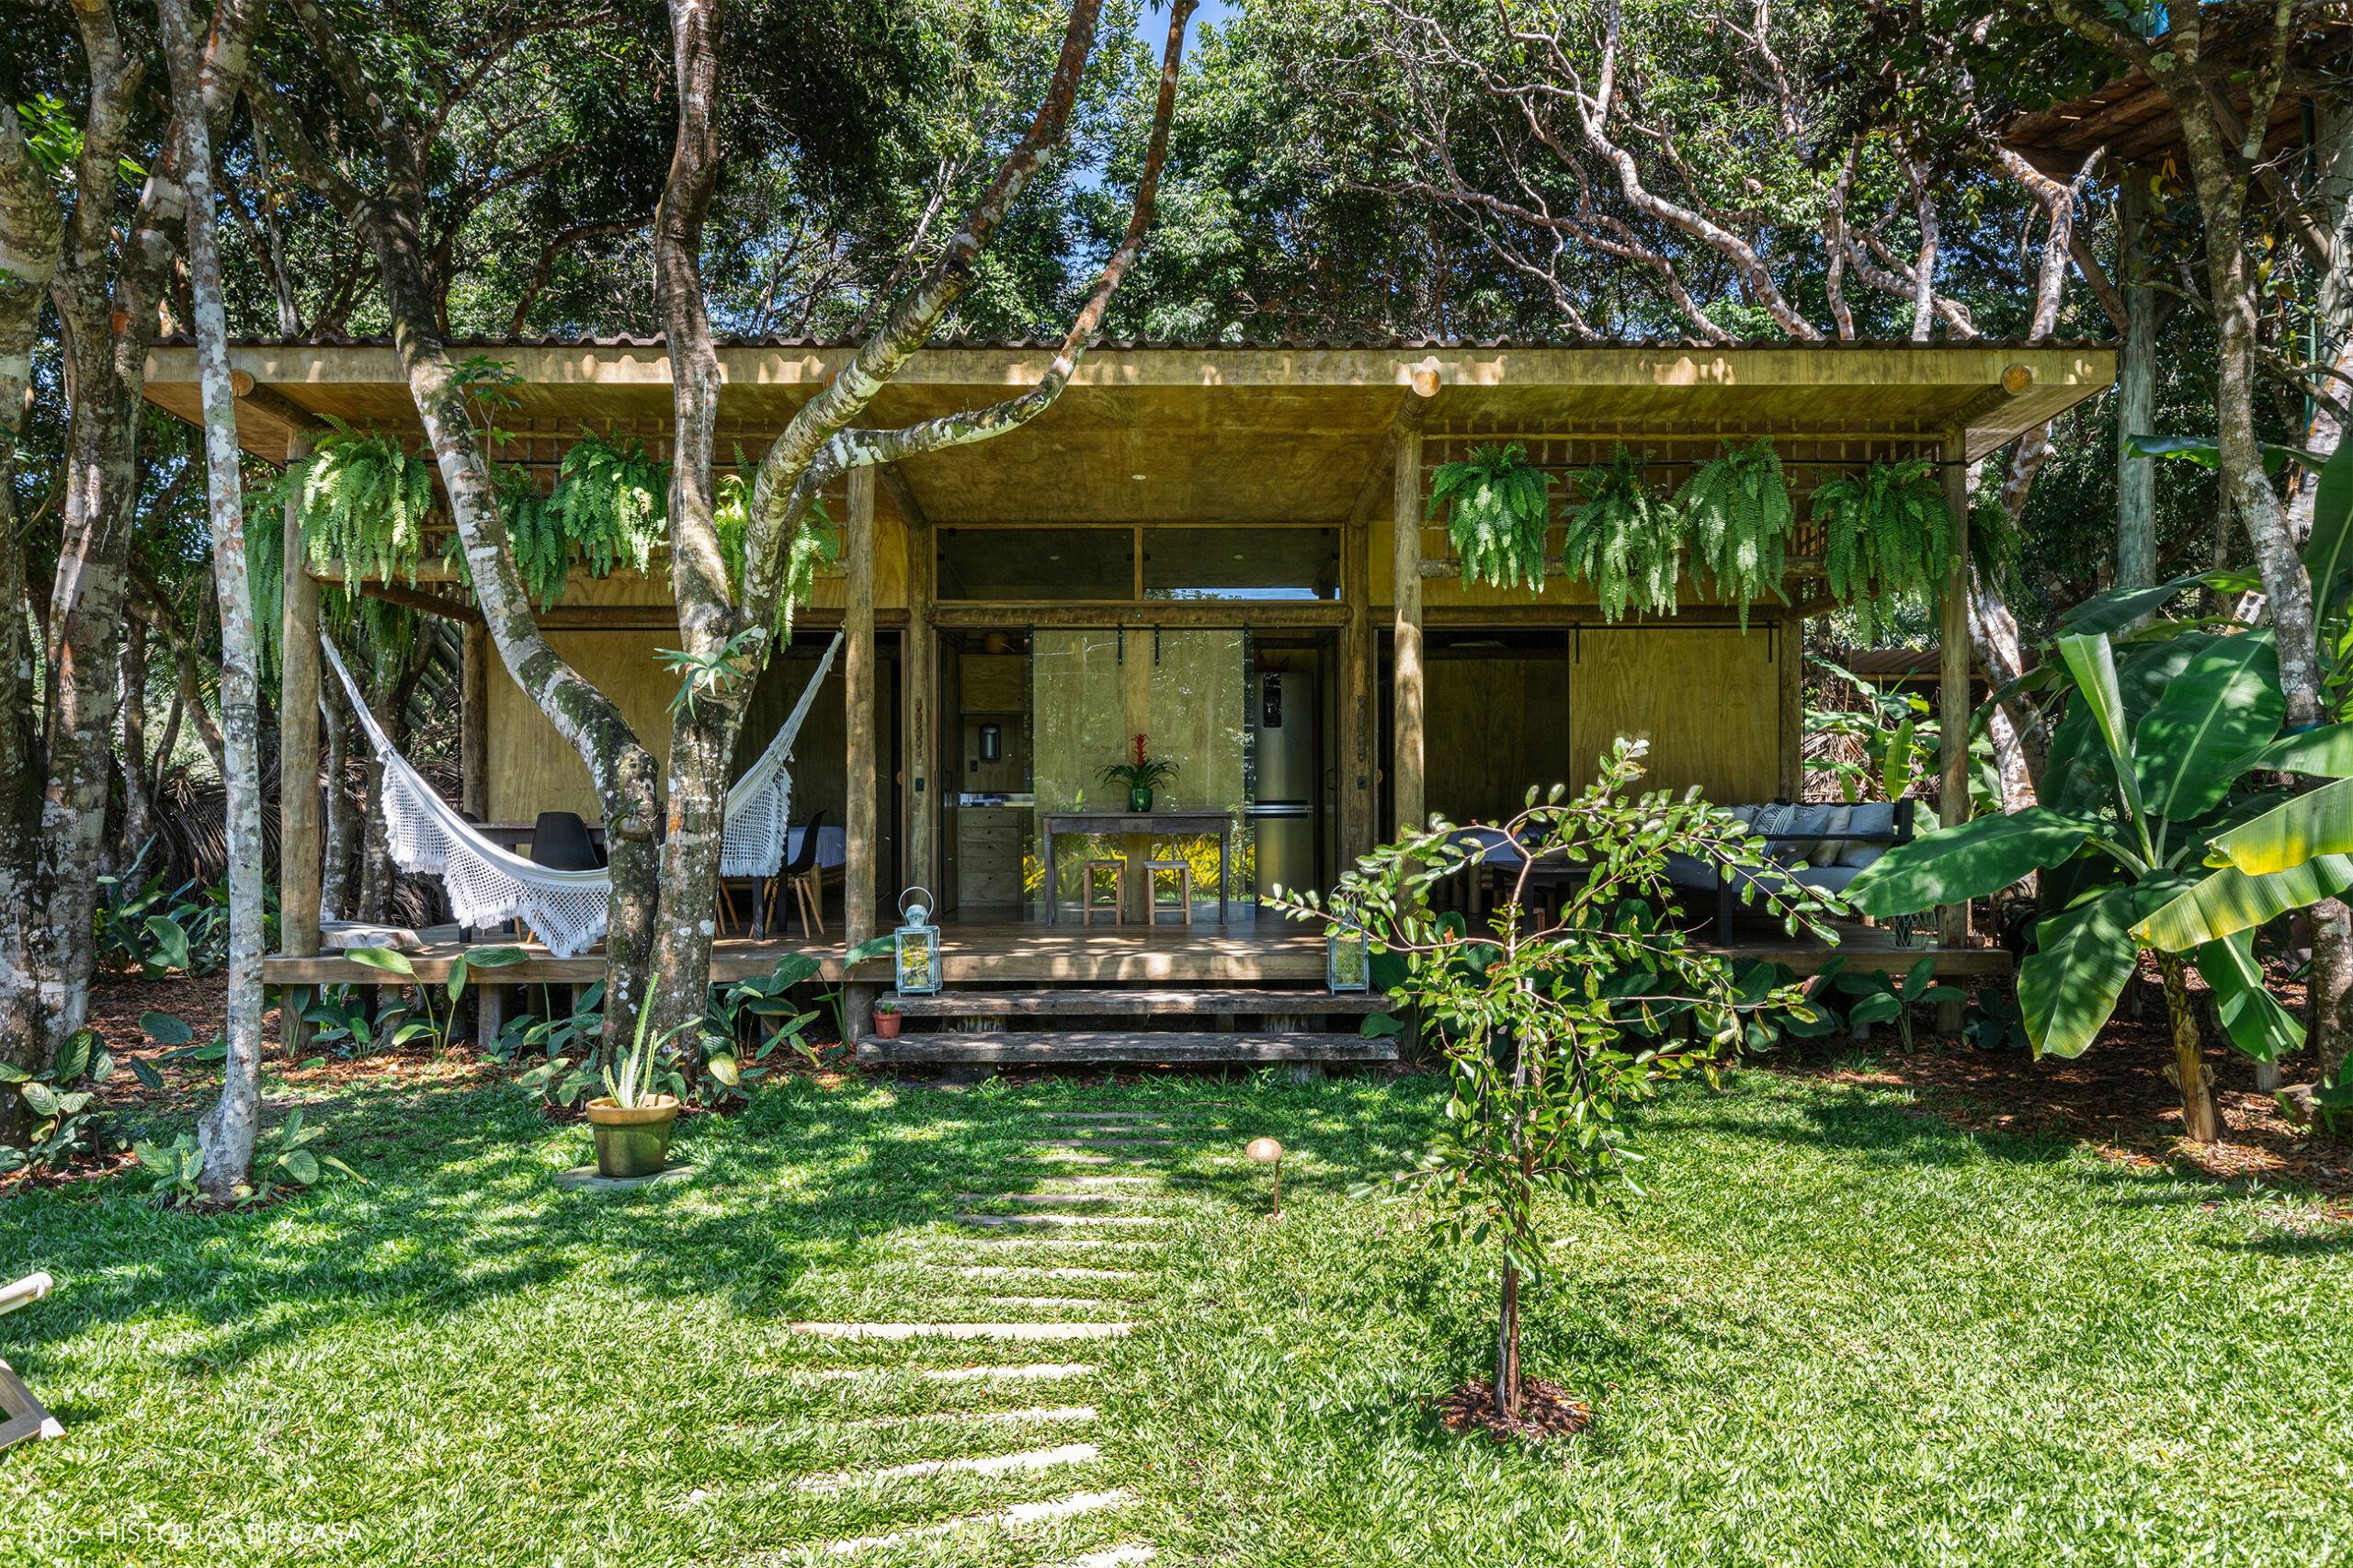 hotel-villase7e-16-rede-branca-jardim-luminaria-branca-chao-mesa-bancos-madeira